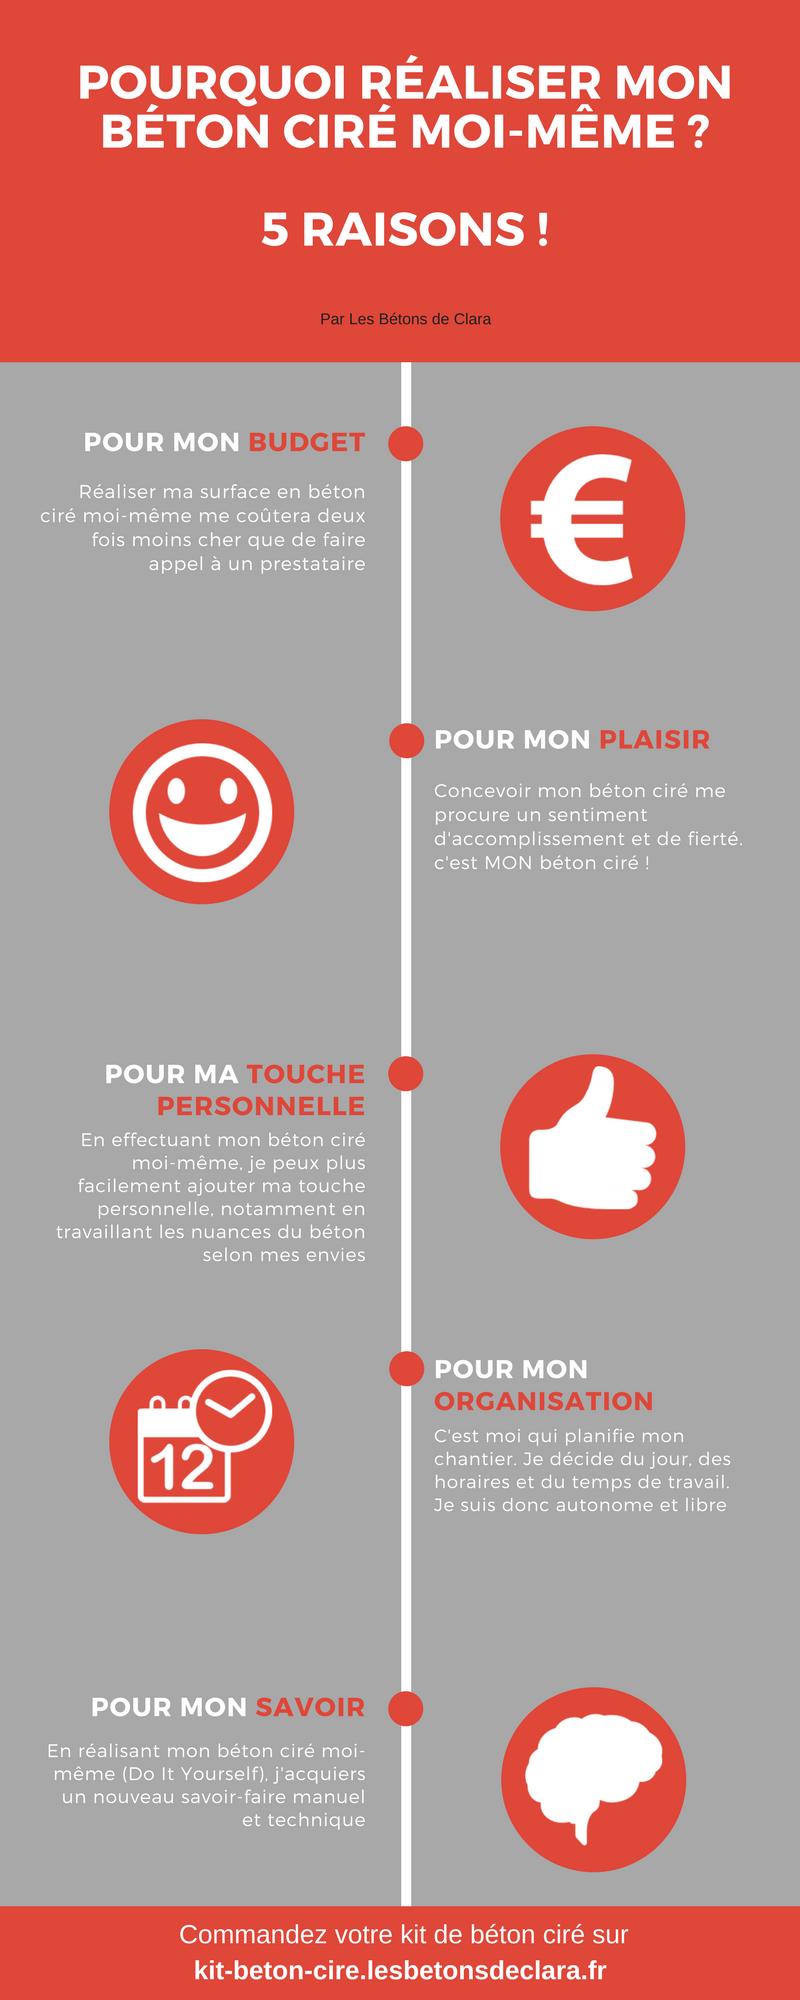 Infographie : Pourquoi réaliser mon béton ciré moi-même ? 5 raisons !